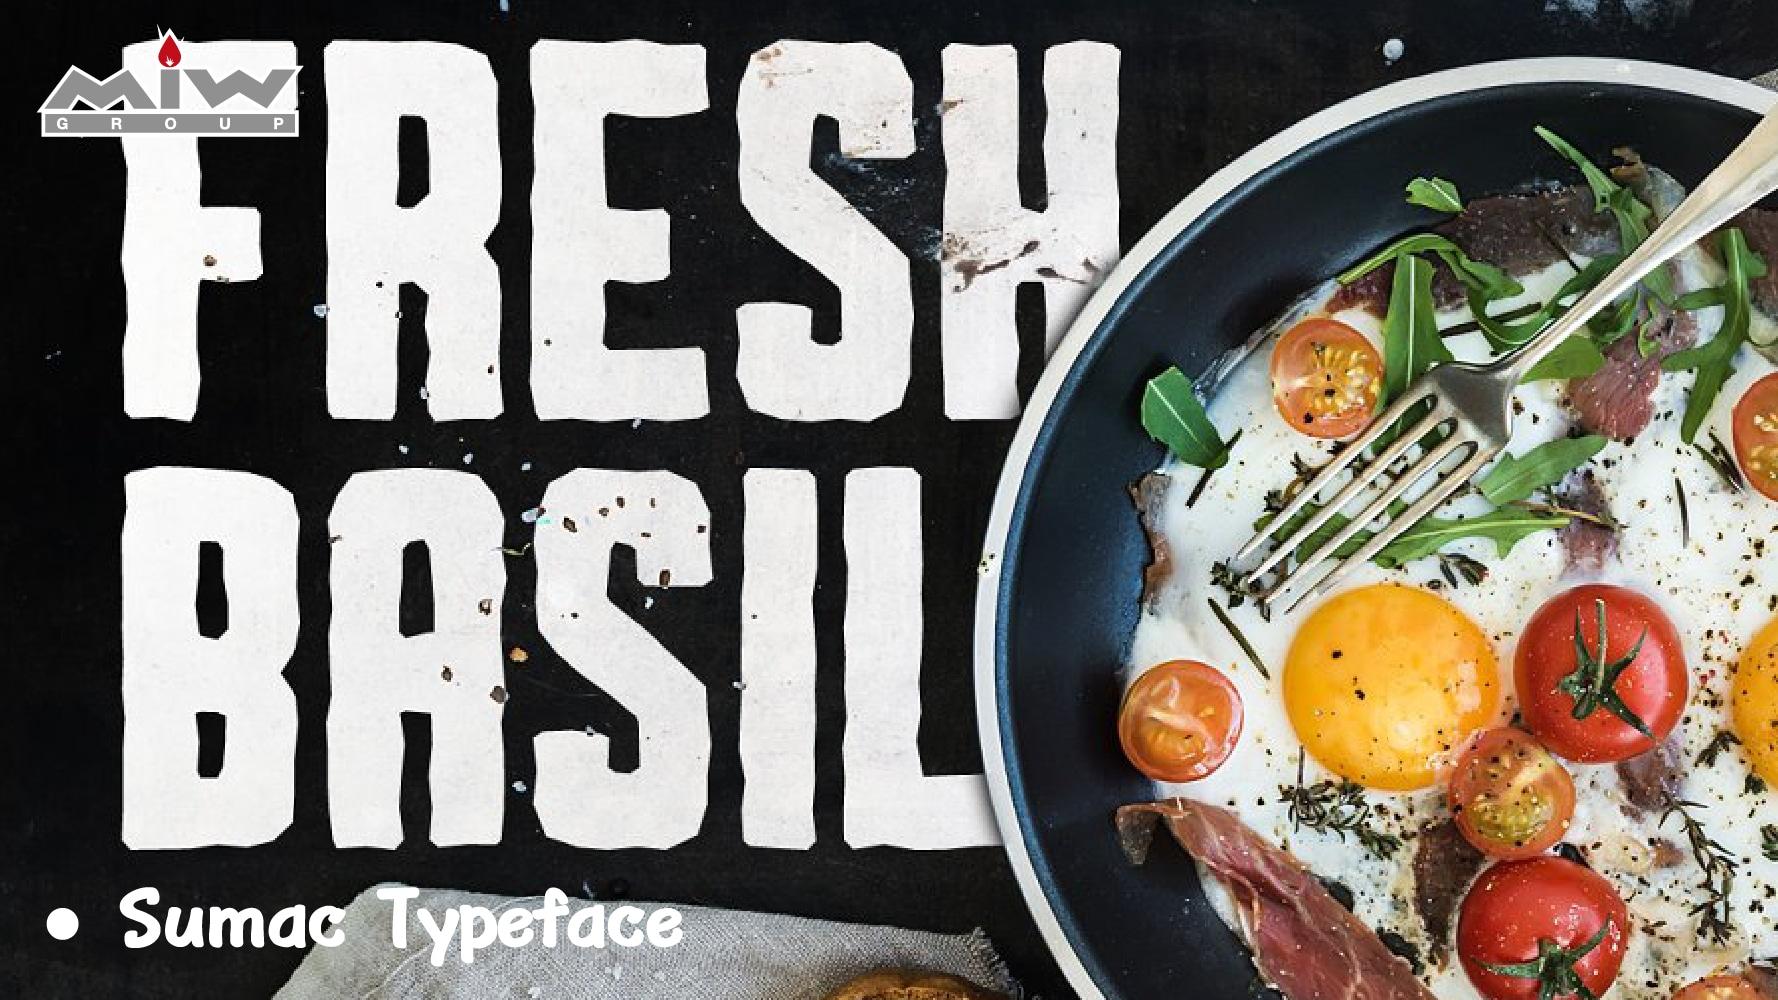 Font Sumac Typeface - 7 ฟอนต์สวย ๆ น่ารัก ๆ ที่ช่วยให้อาหารน่าทานยิ่งขึ้น